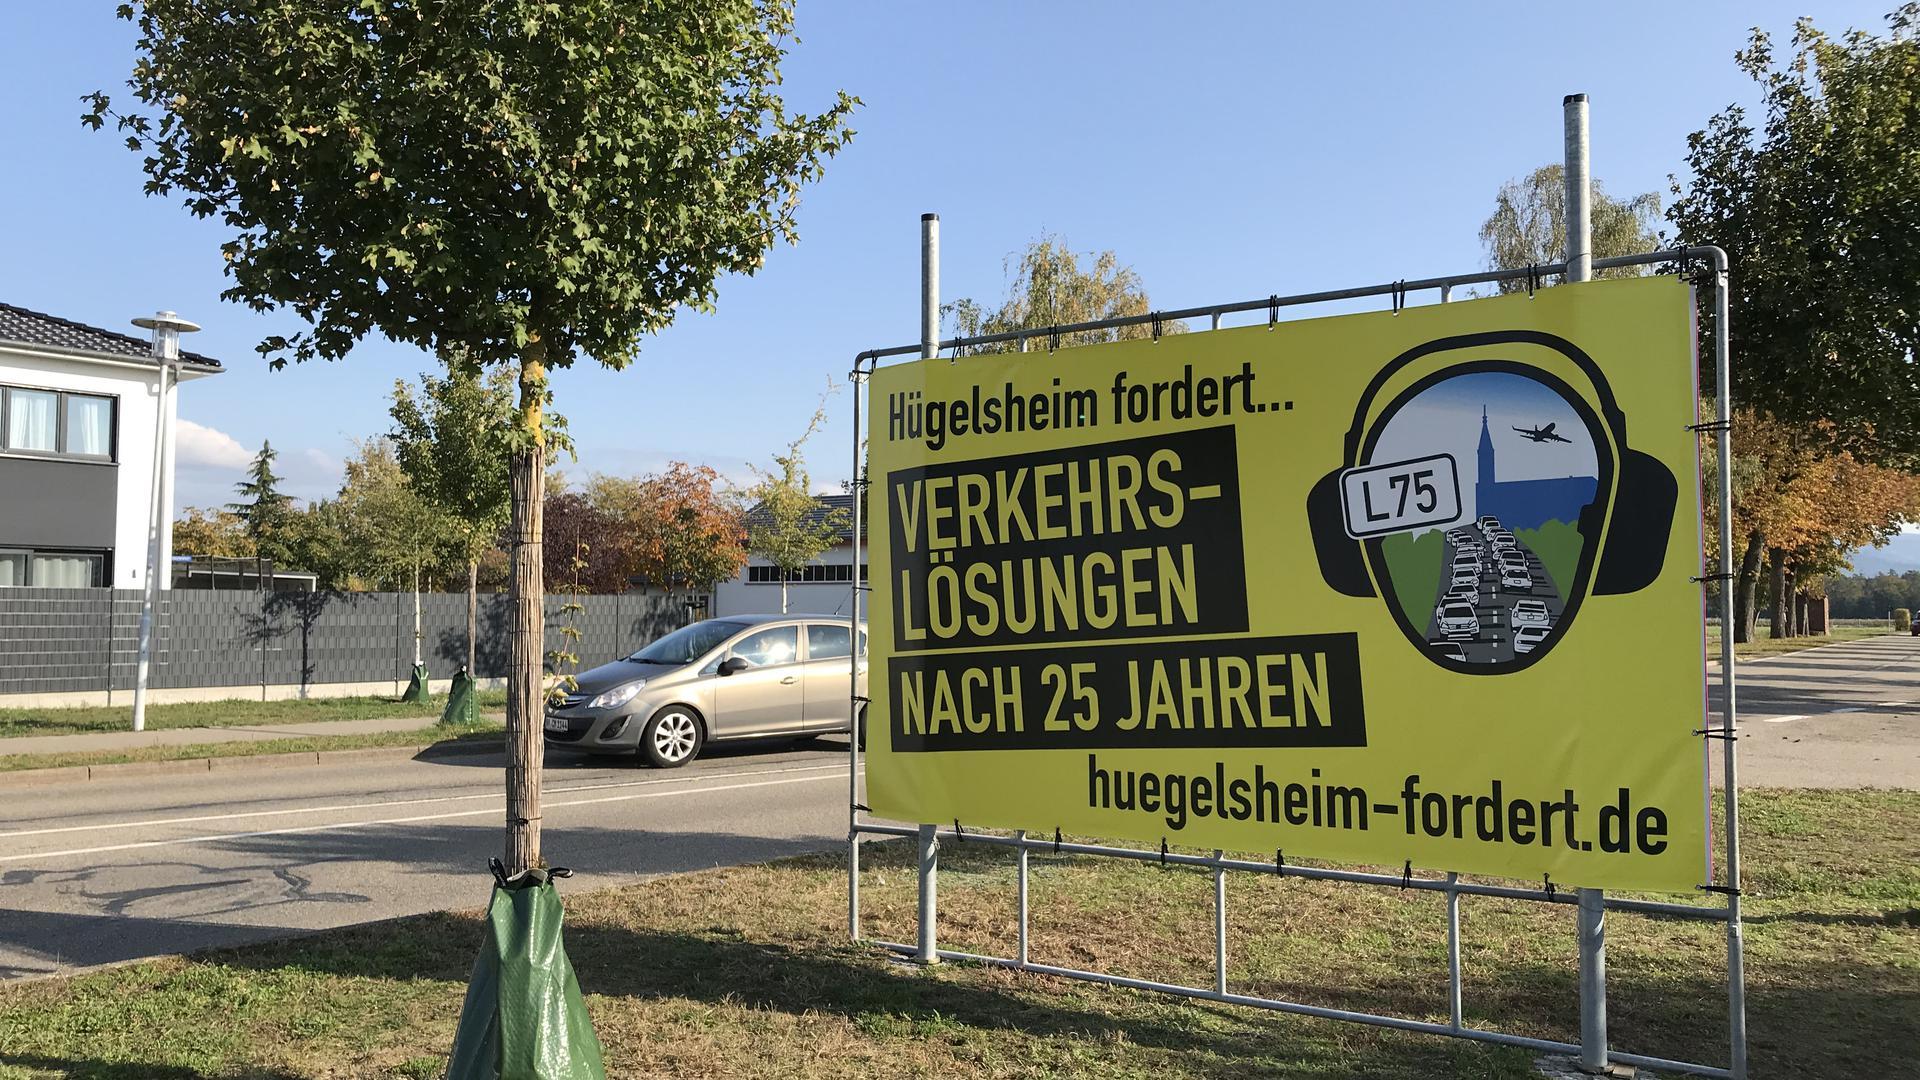 Grell und groß: Mit Transparenten machen die Hügelsheimer auf ihr Anliegen aufmerksam. Sie wollen, dass endlich weniger Verkehr durch den Ort fließt.